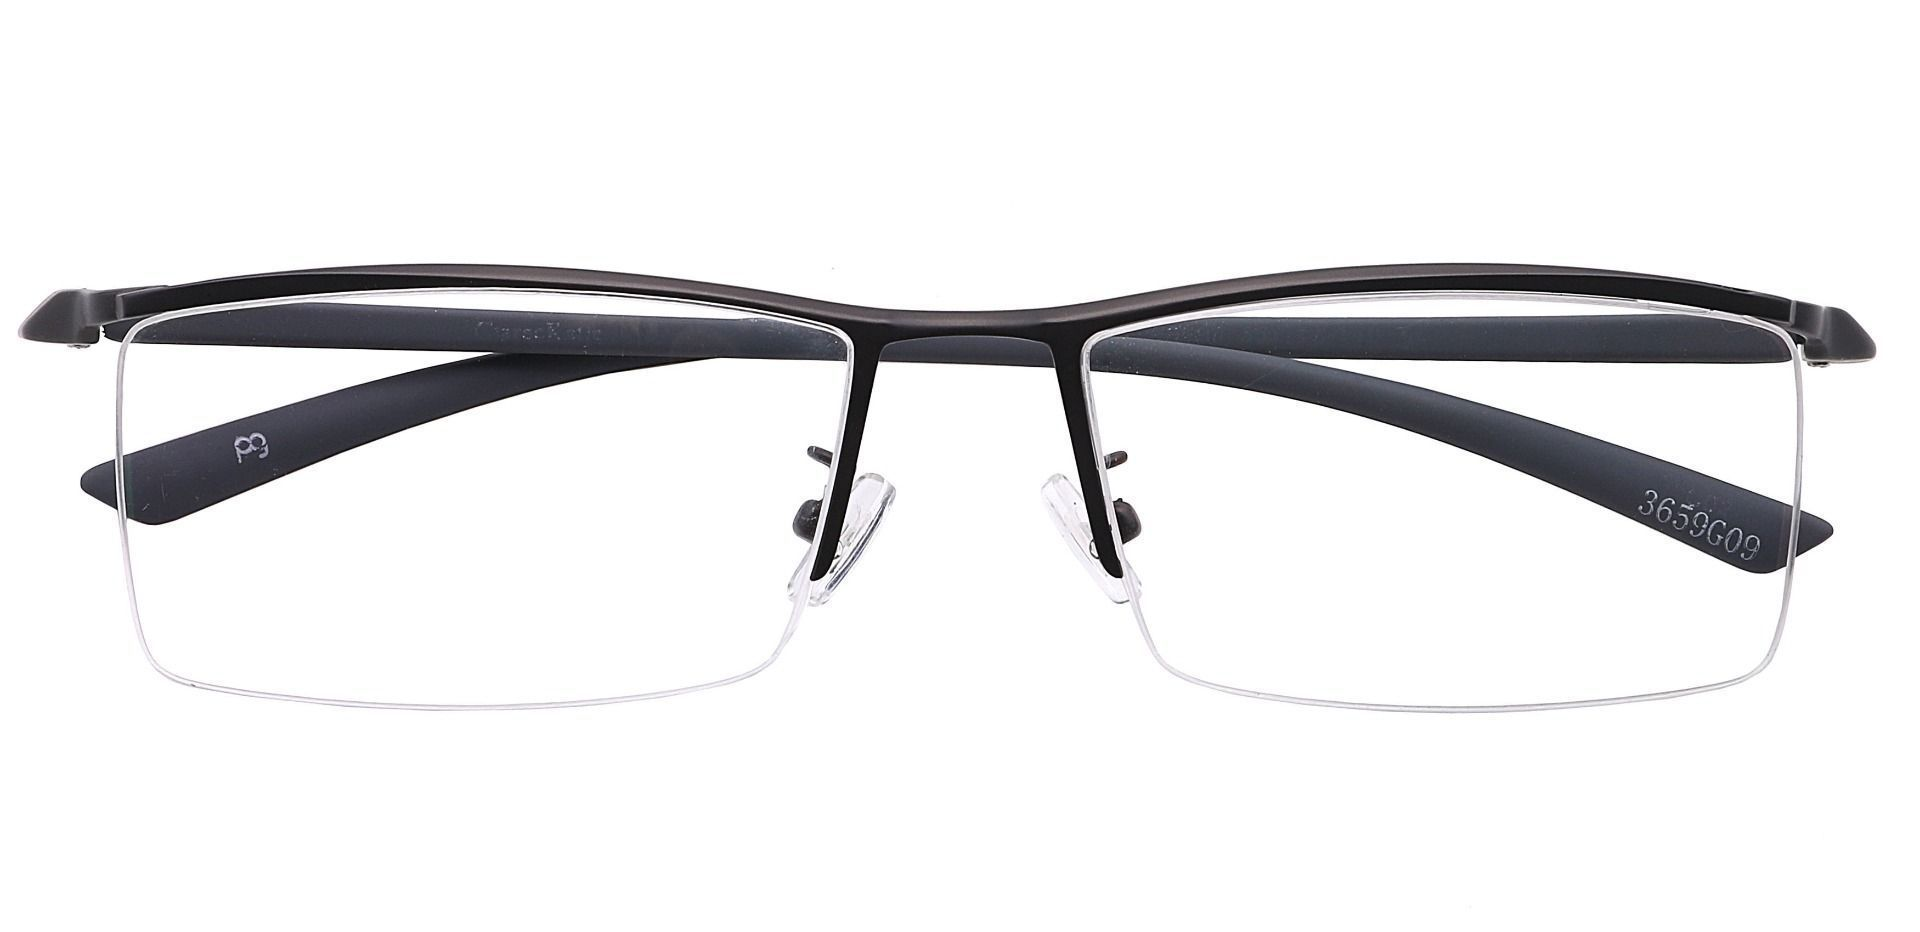 Hunter Rectangle Prescription Glasses - Gray